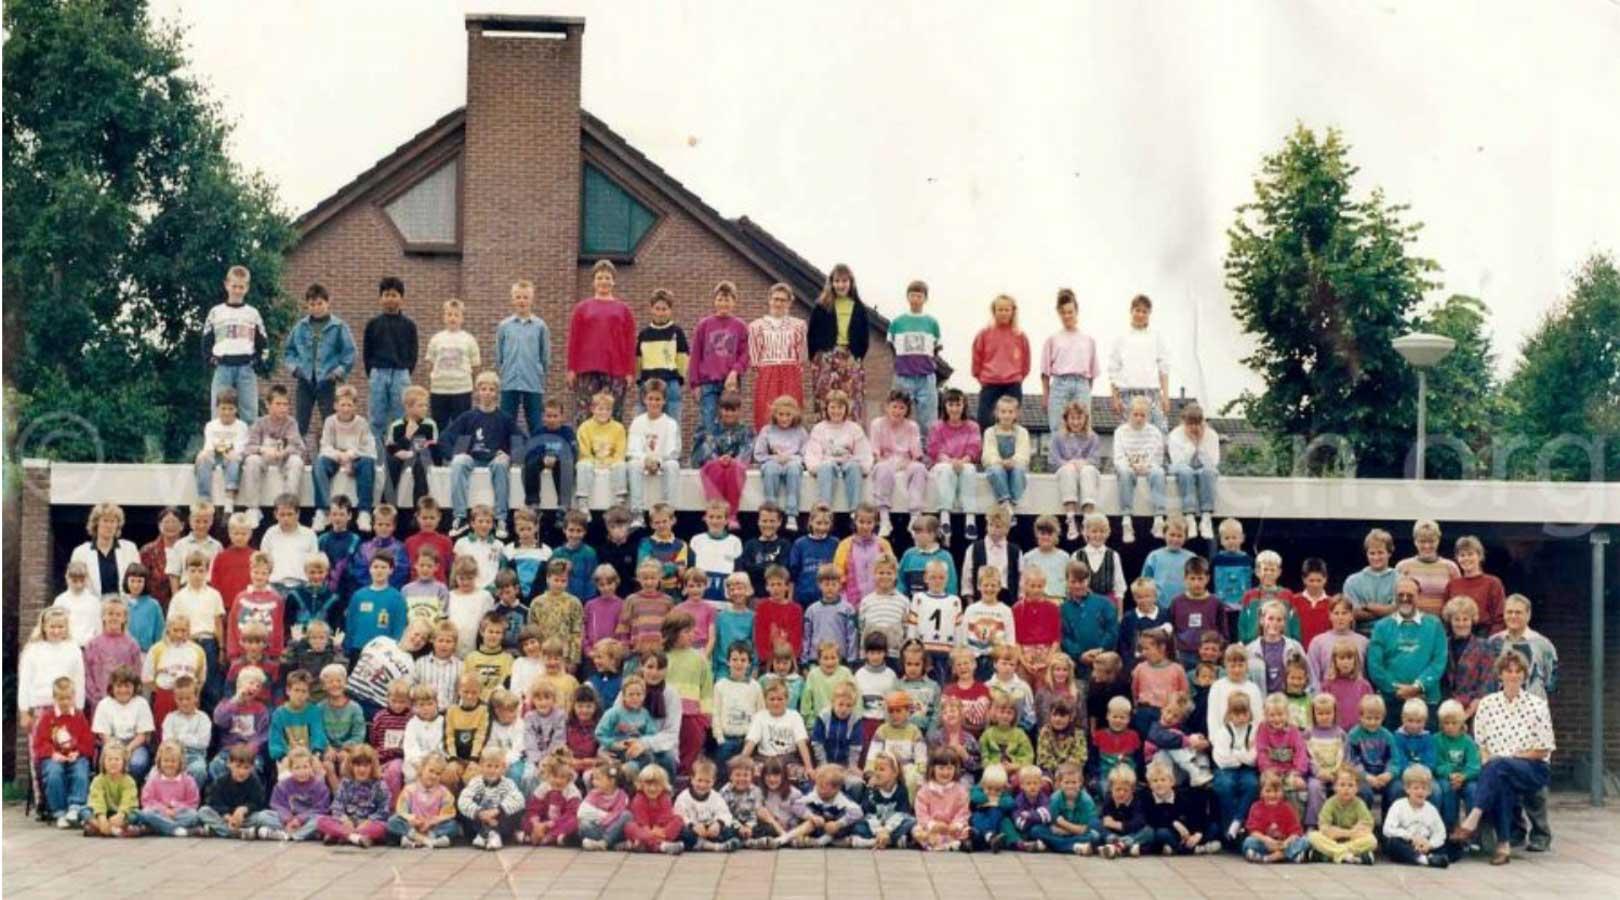 Groepsfoto CJ van Rootselaarschool Nijkerkerveen 1990